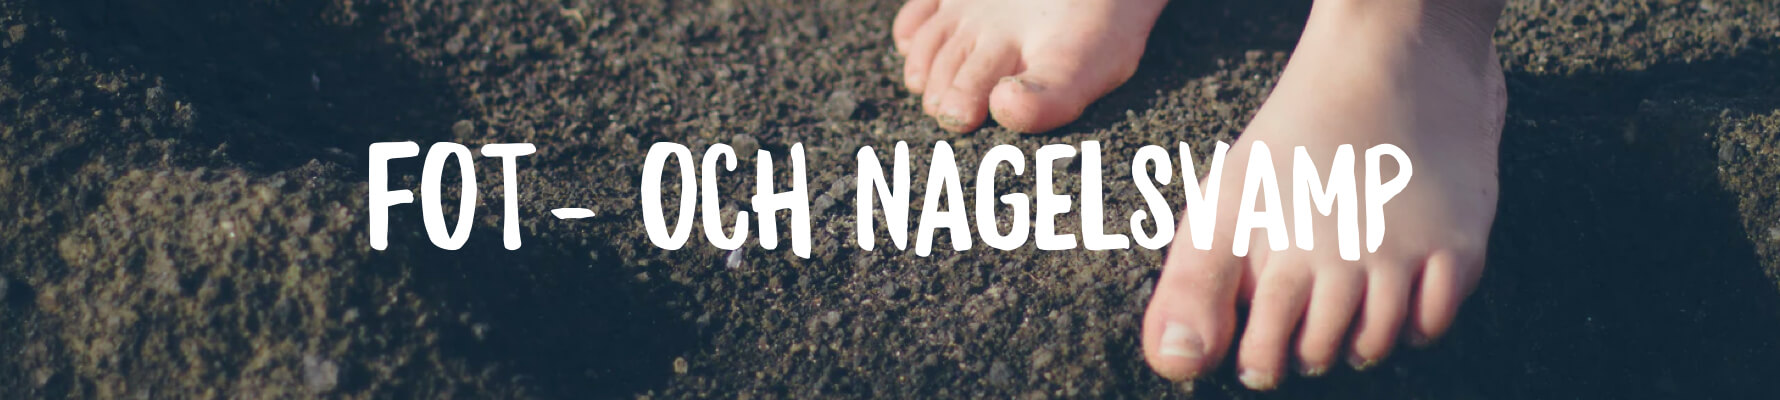 Fakta och tips om fotsvamp och nagelsvamp | Kronans Apotek